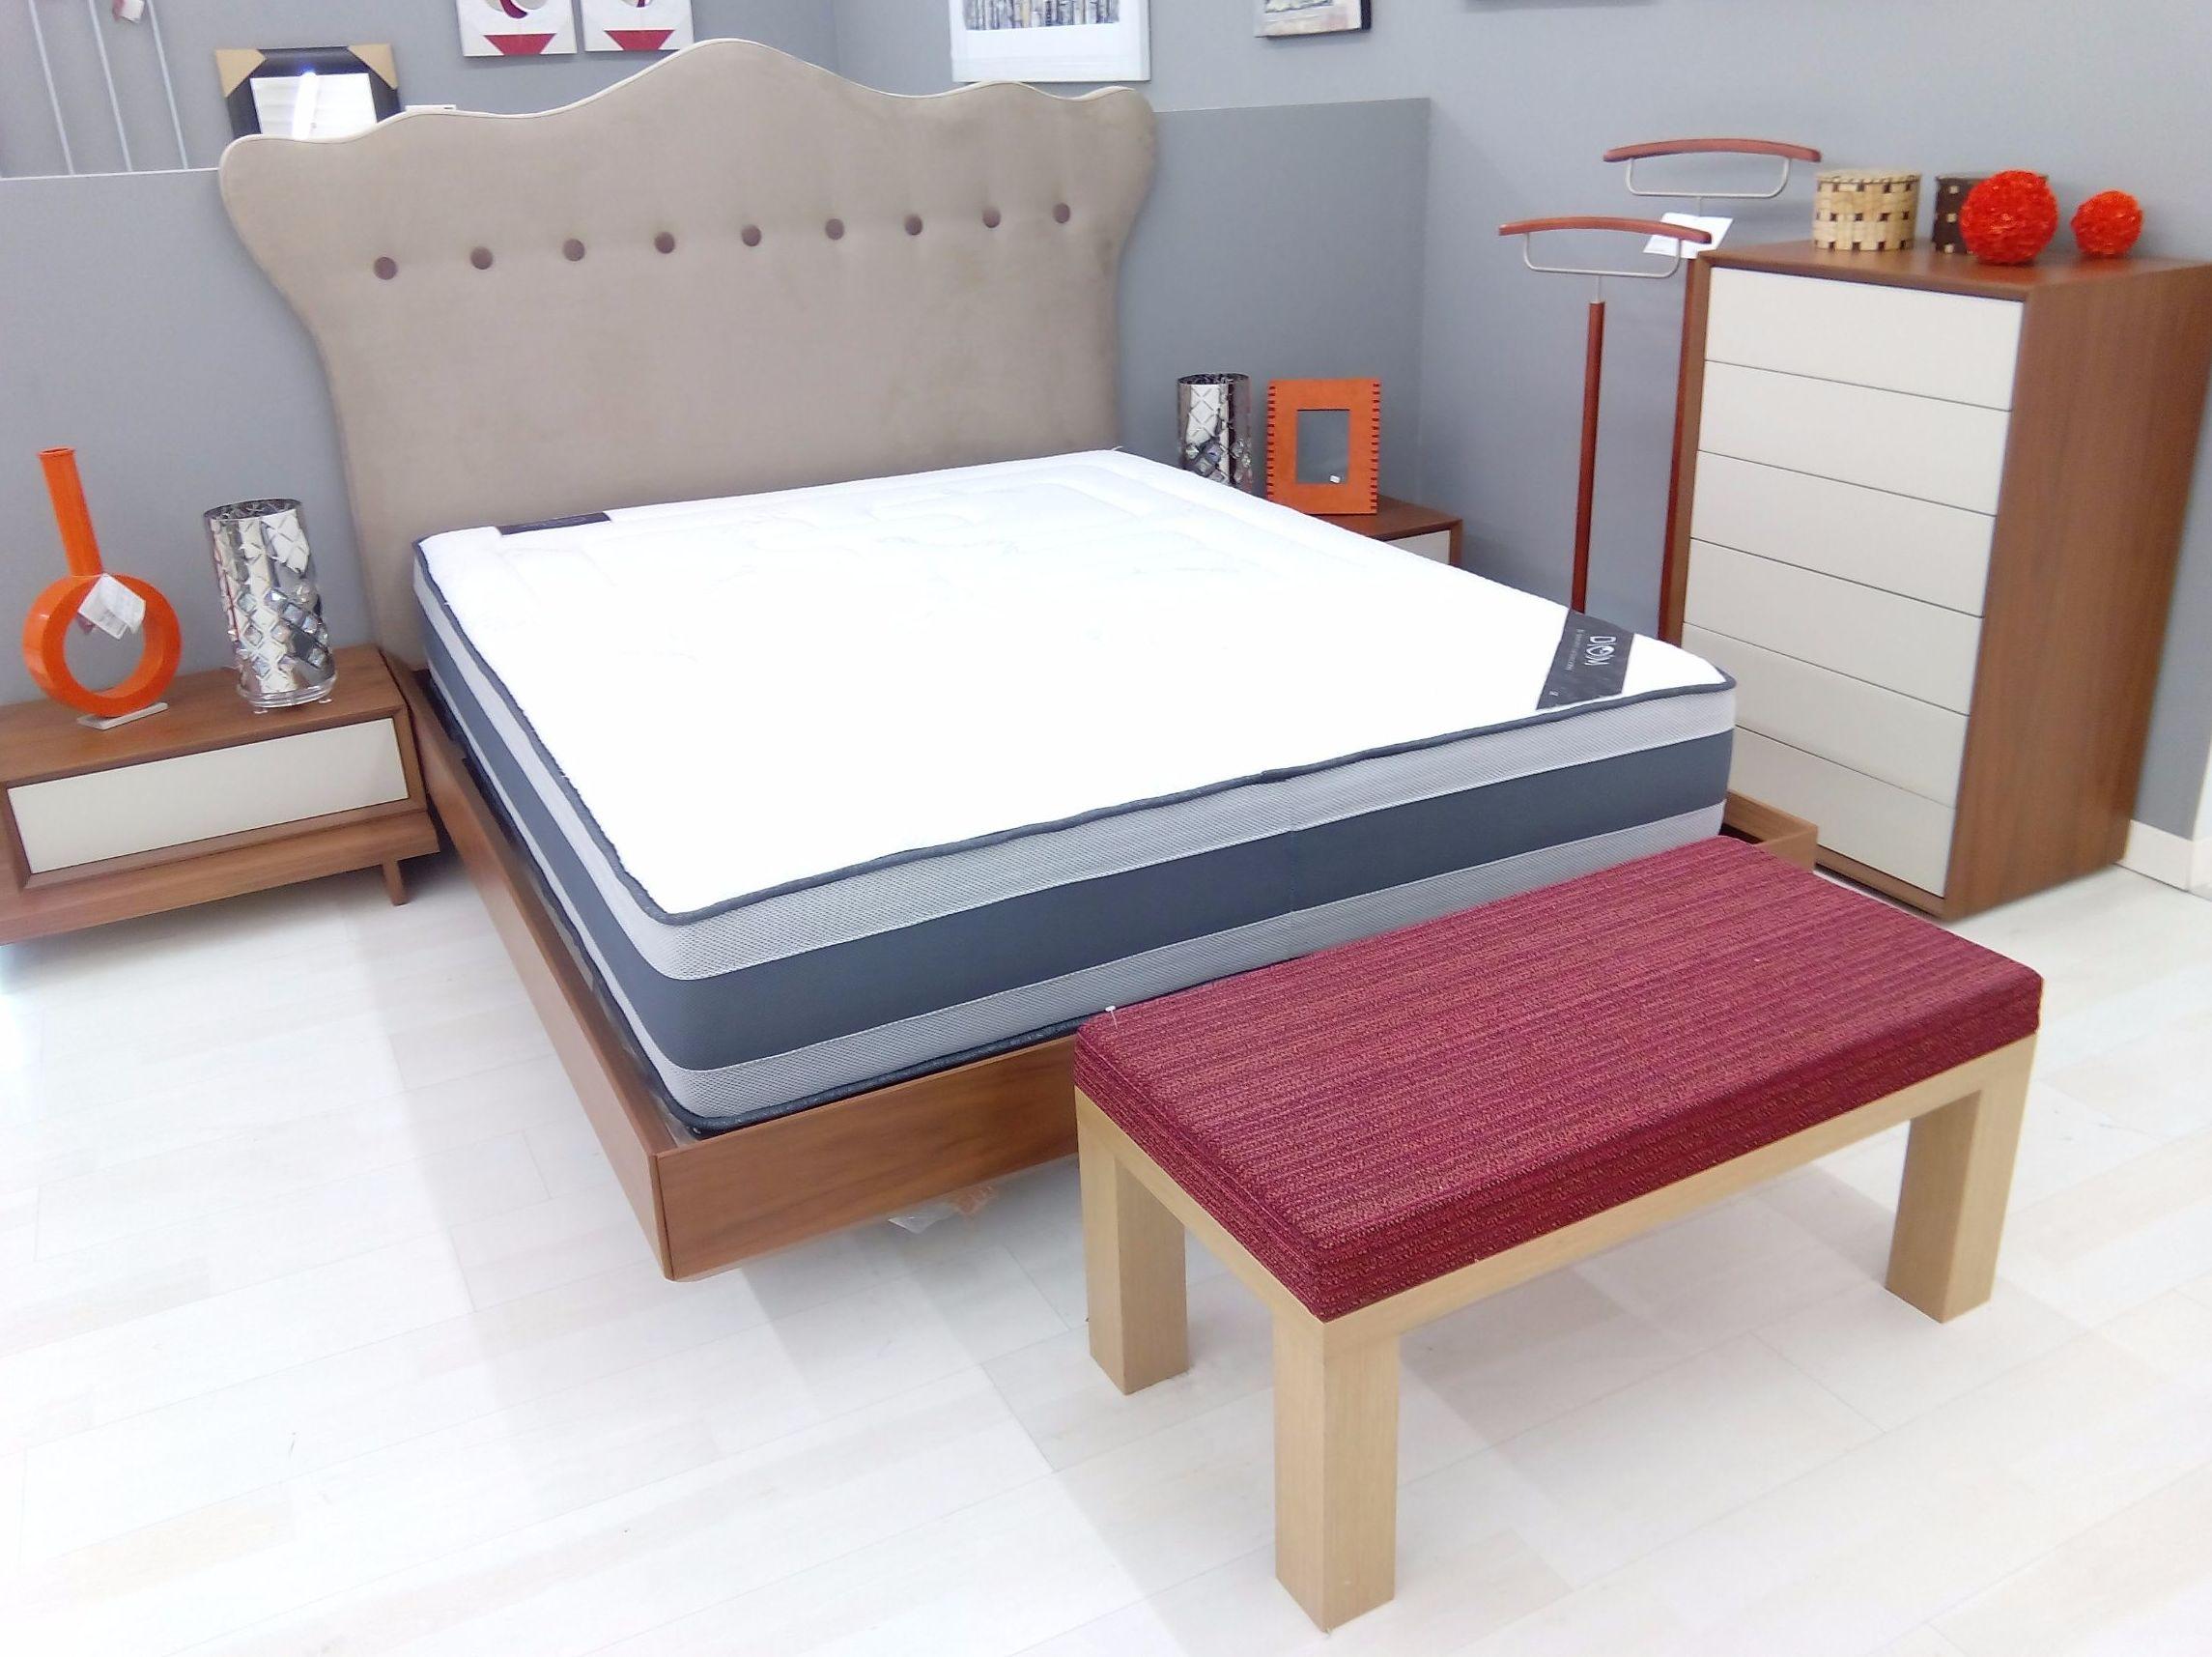 muebles garrido obtenga ideas dise o de muebles para su